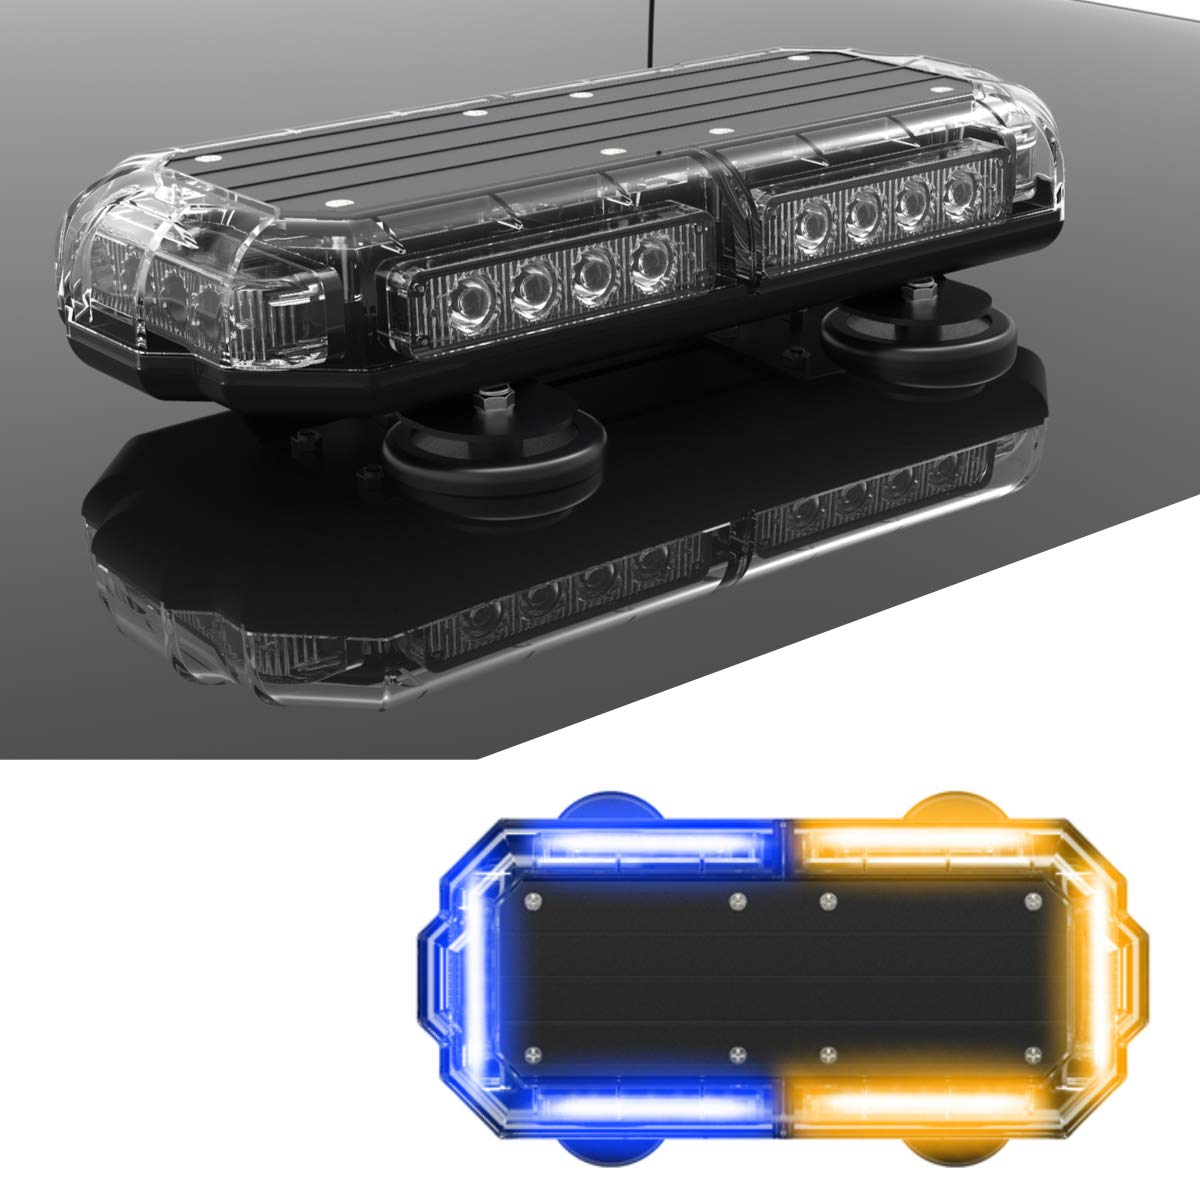 SpeedTech Lights K-Force Micro TIR 14 LED Mini Light Bar Emergency Strobe Lights /& Magnetic Roof Mount Warning Light for Emergency Vehicles Blue//Green